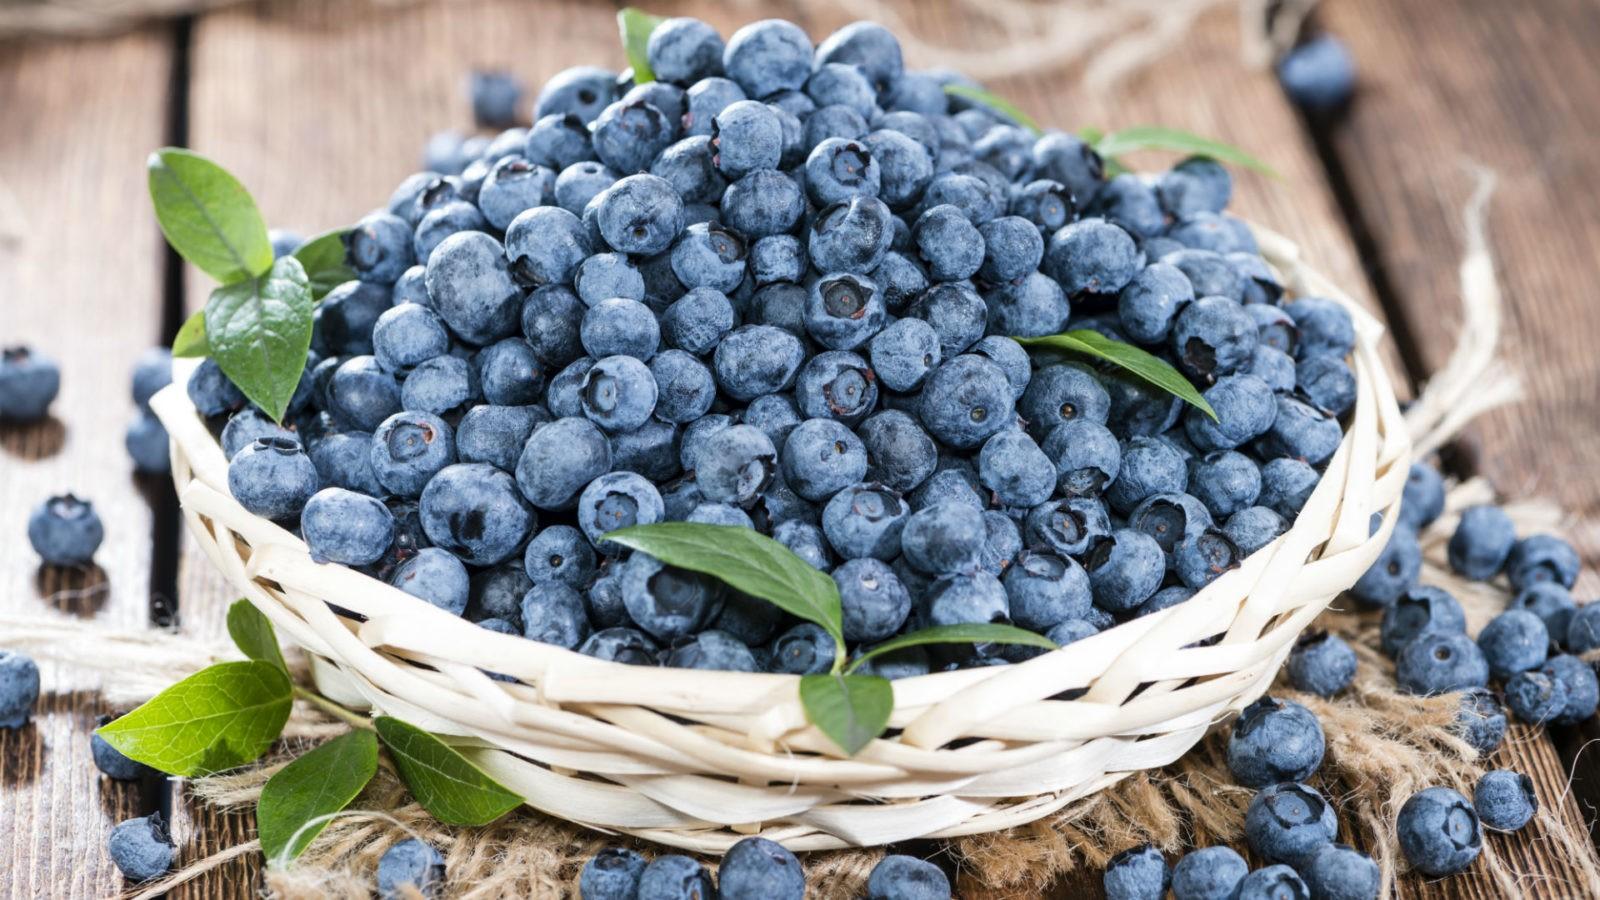 Черника – это кладовая полезных веществ и витаминов